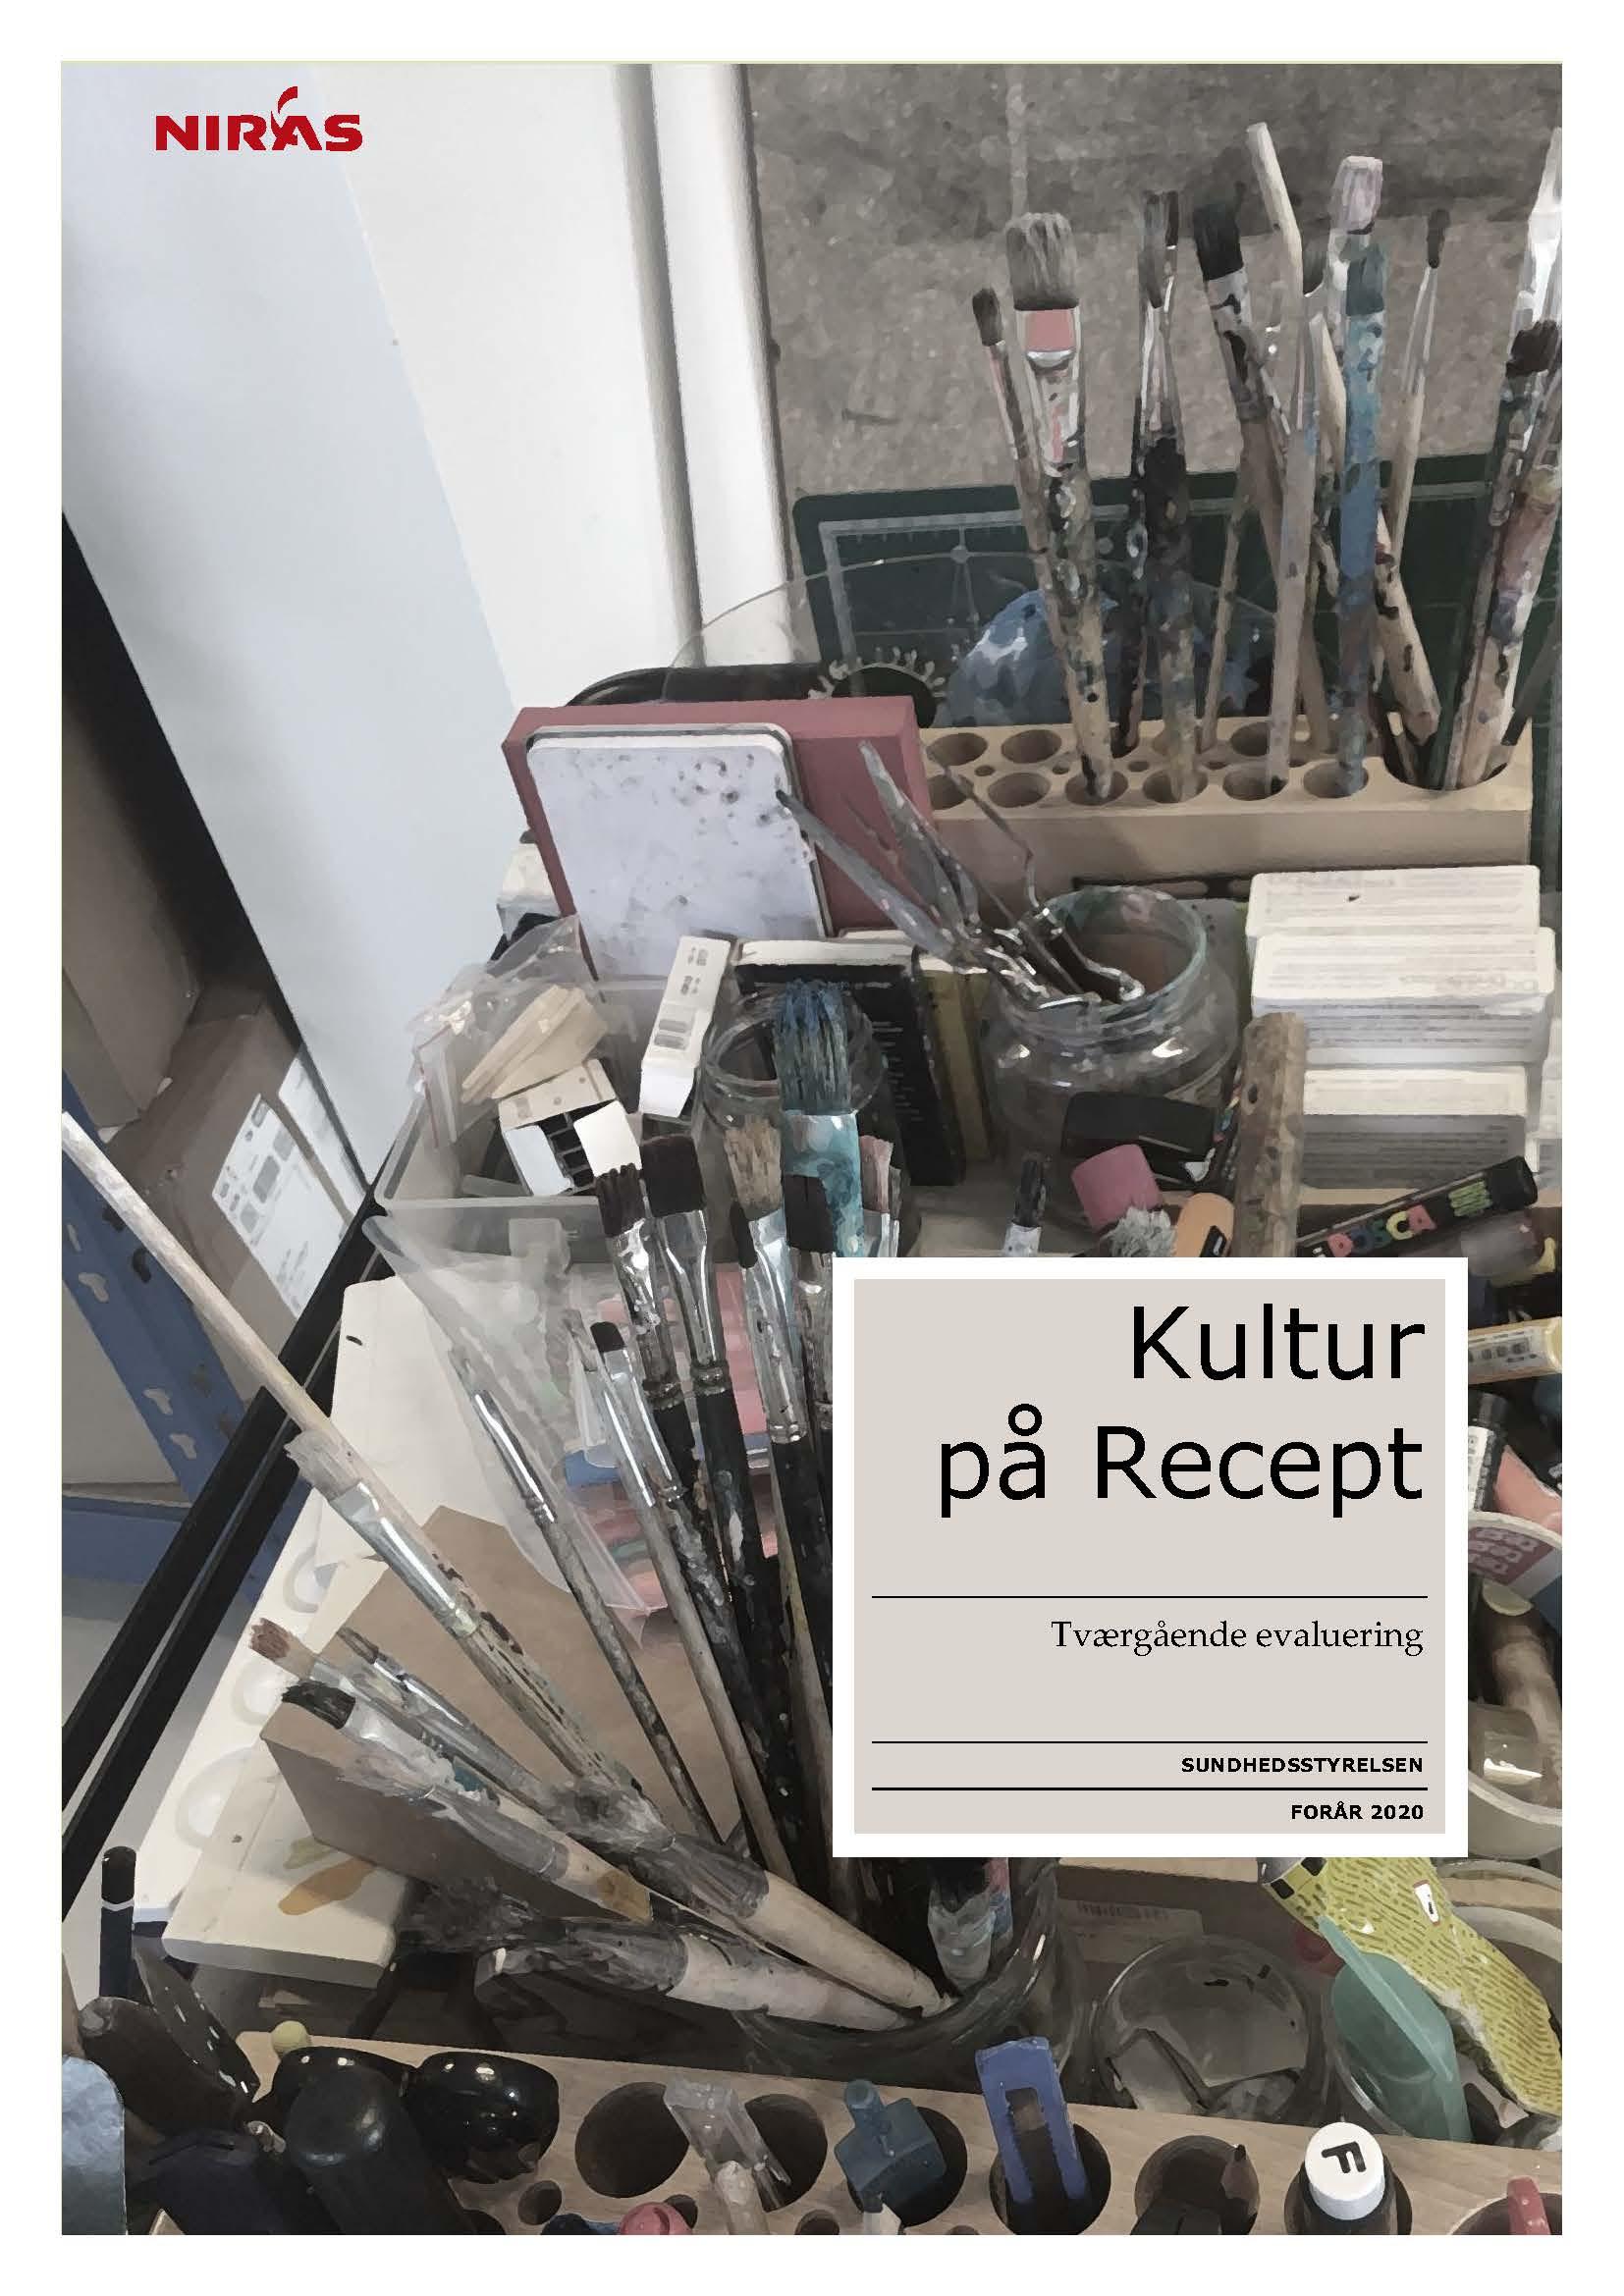 Kultur-paa-recept_tvaergaaende-evaluering_foraar-2020_Page_01